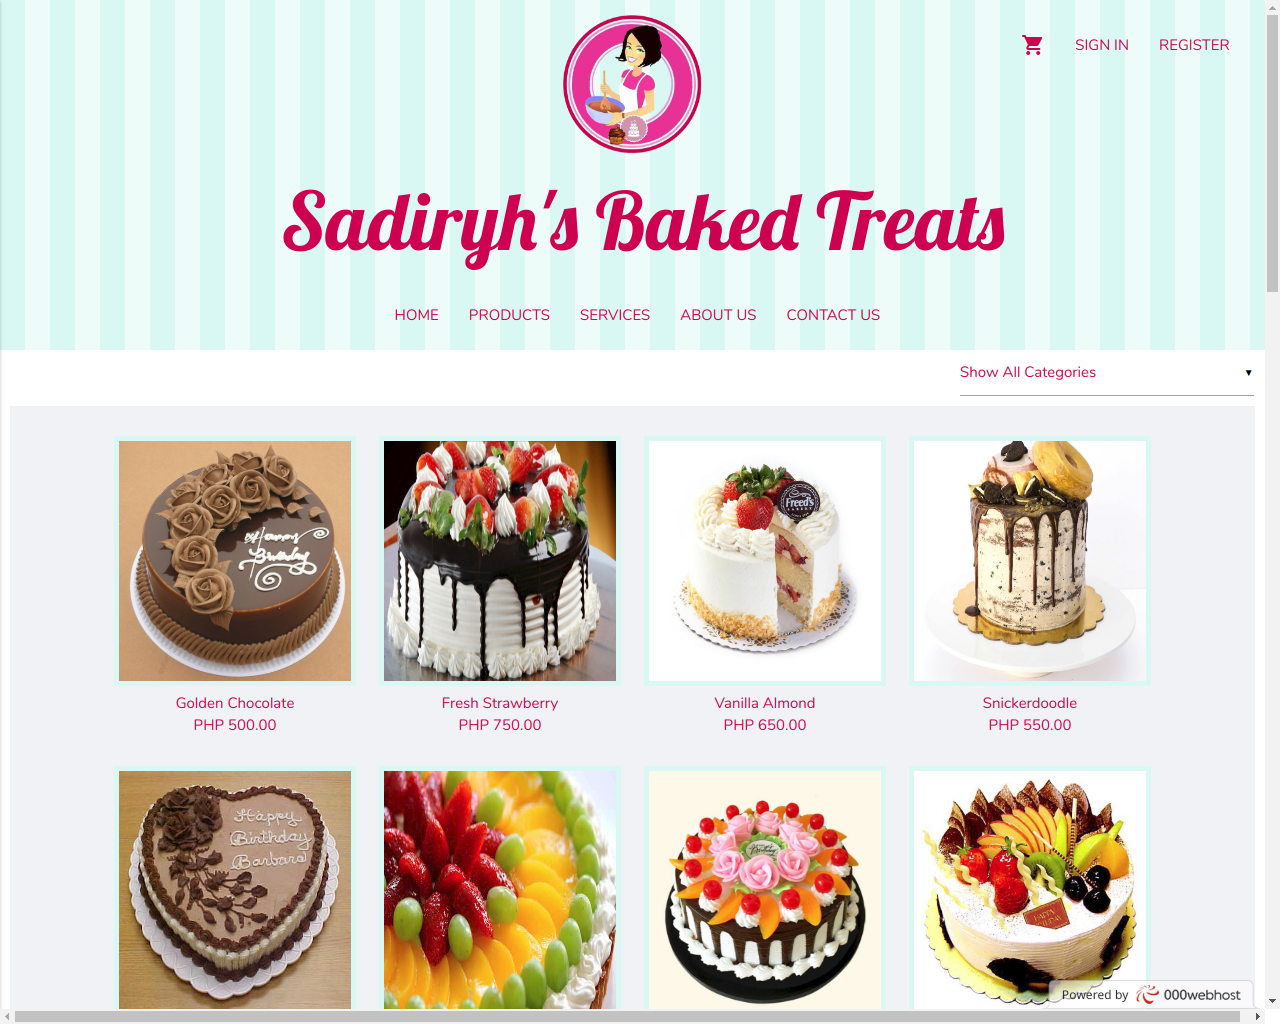 Sadiry's Baked Treats, Created by Arjay